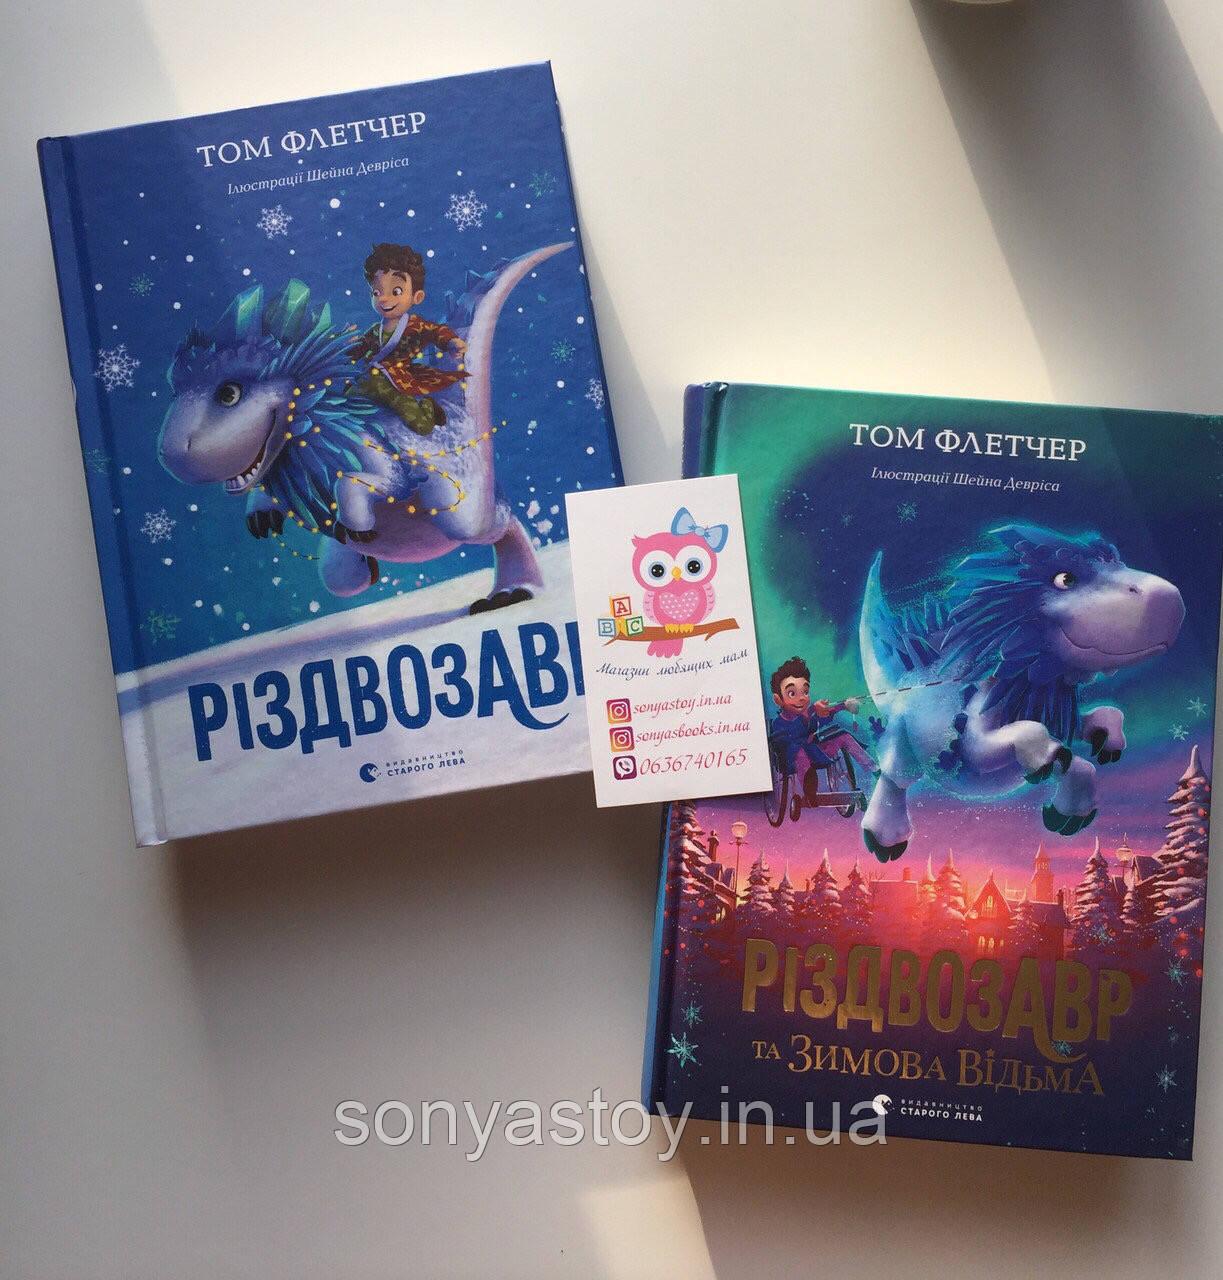 Книга Різдвозавр і Різдвозавр та зимова відьма, 6+